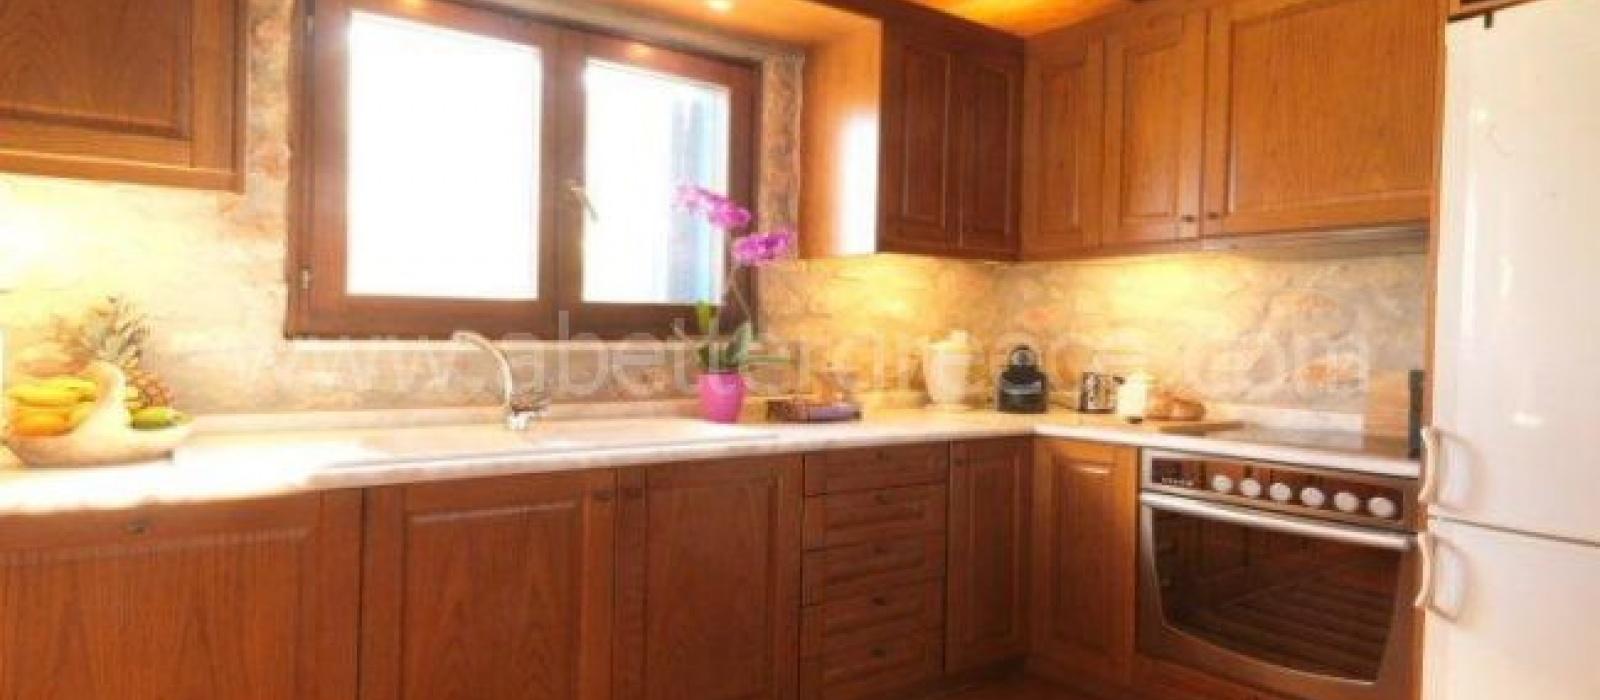 4 Bedrooms, Villa, Vacation Rental, 3 Bathrooms, Listing ID 1011, Paros, Greece,